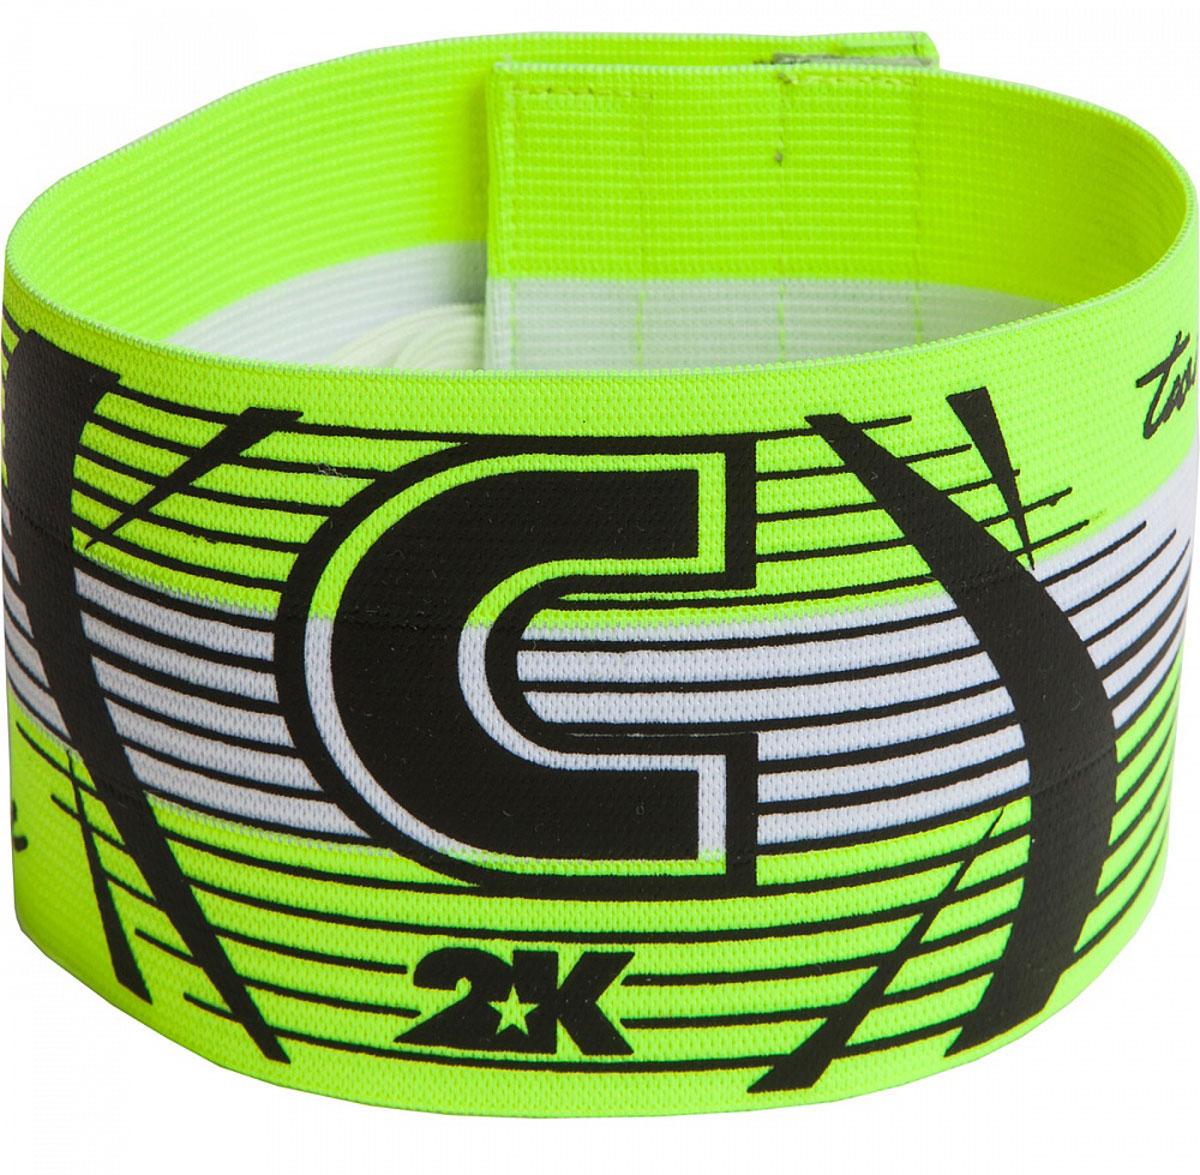 Повязка капитанская 2K Sport Captain, цвет: светло-зеленый, черный126317Яркая повязка на руку 2K Sport Captain применяется для того, чтобы выделить на поле капитана команды. Выполнено изделие из высококачественного полиэстера. Размер универсальный.